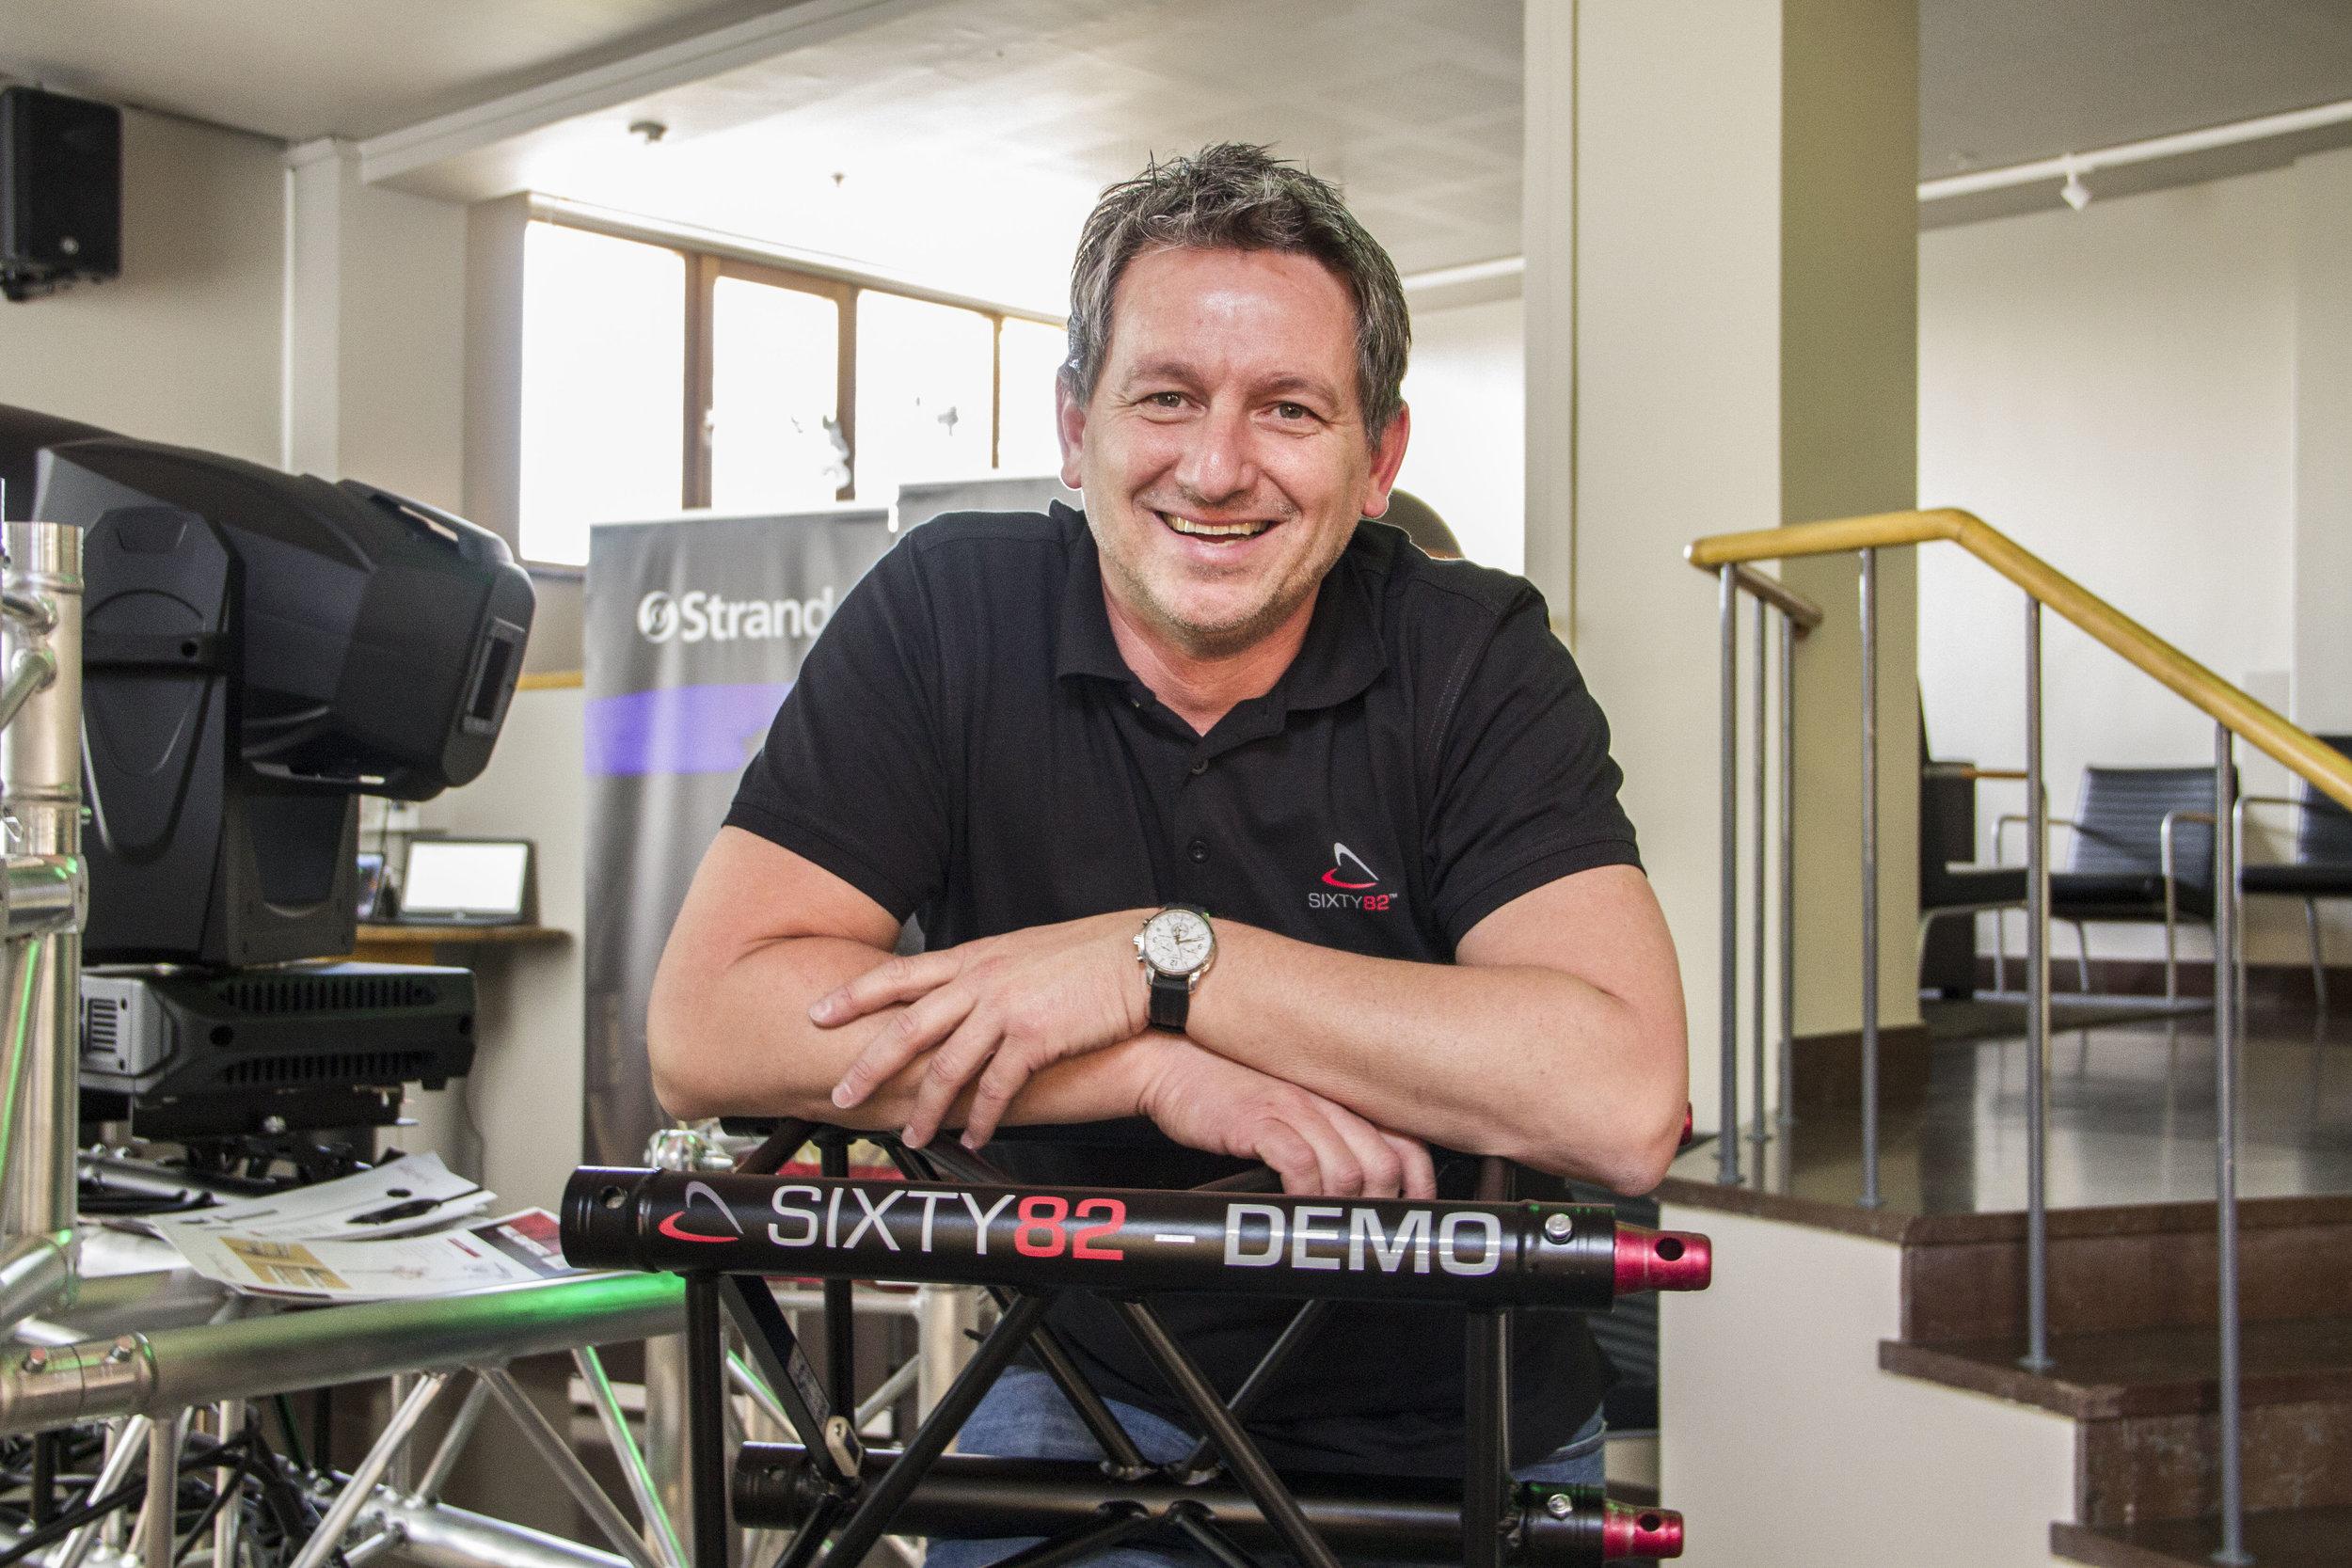 Även Date Jonkman, Executive Account Manager på trosstillverkaren SIXTY82 i holländska Drachten, summerar dagen som mycket lyckad.